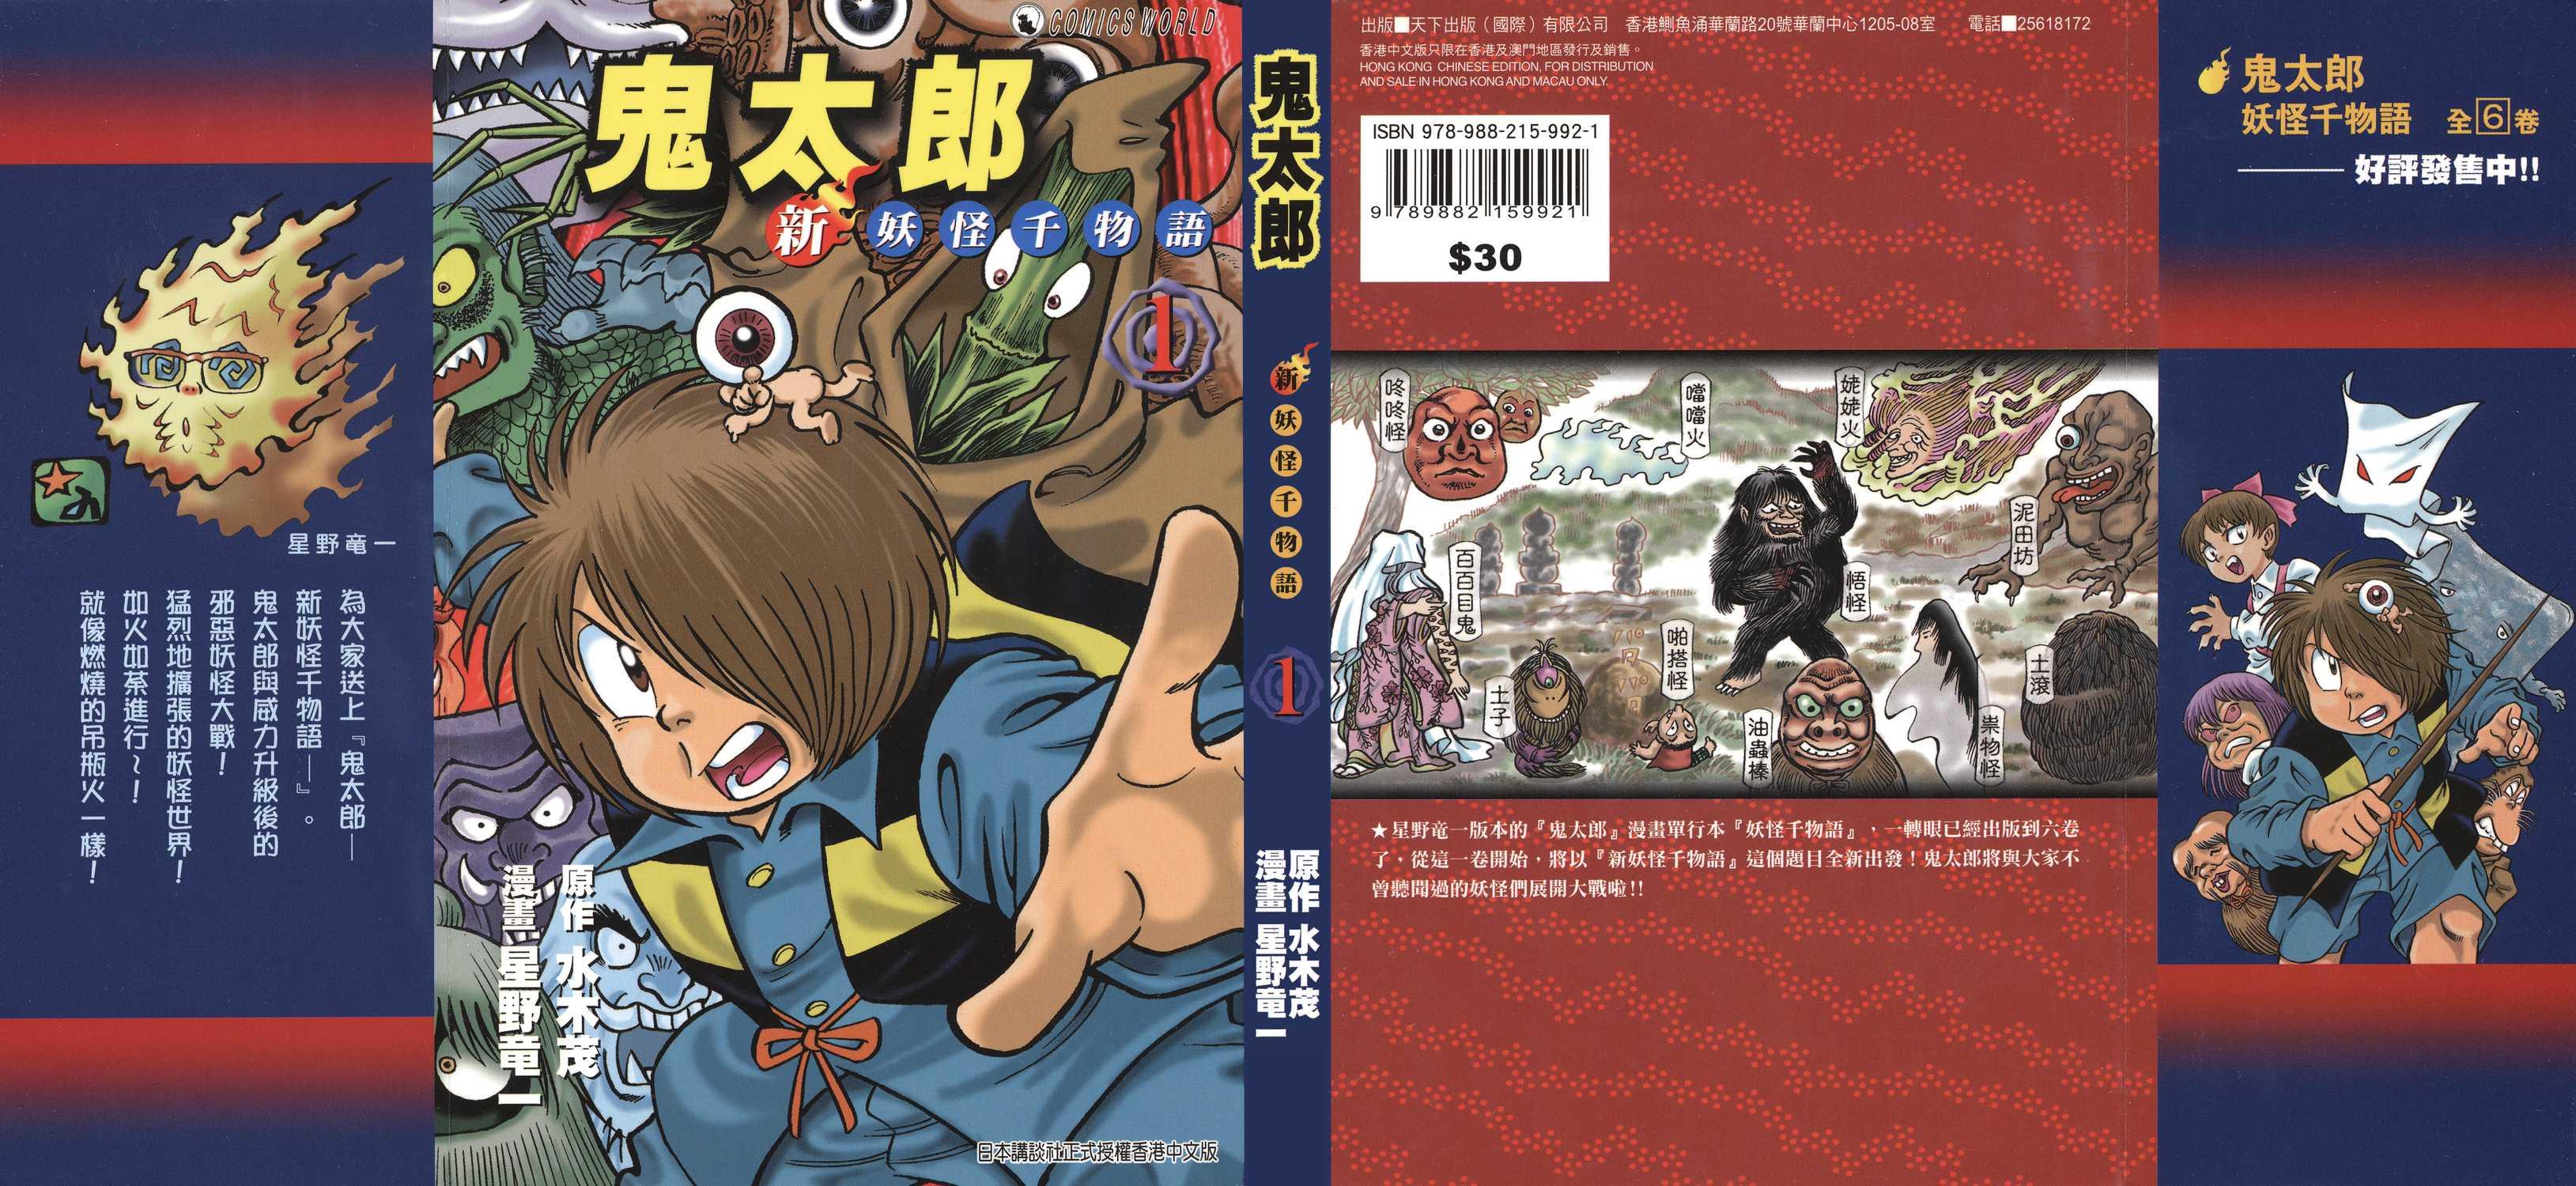 鬼太郎新妖怪千物语漫画单行本第1集第1页 漫画db